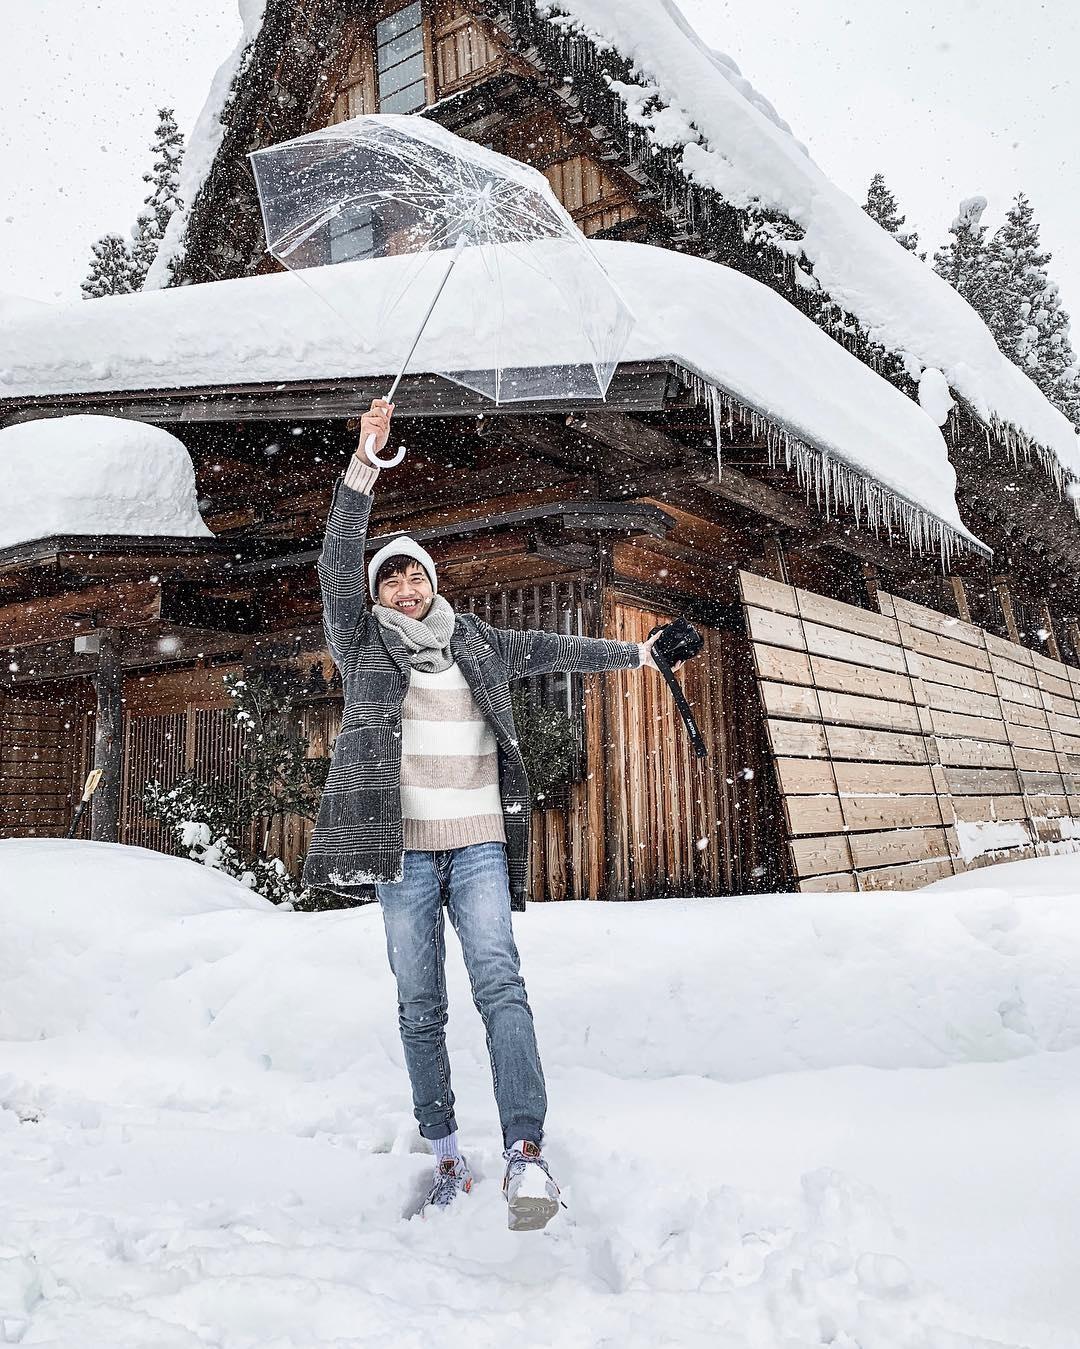 Giới trẻ say sưa tạo dáng với tuyết ở làng cổ tích Nhật Bản - ảnh 5